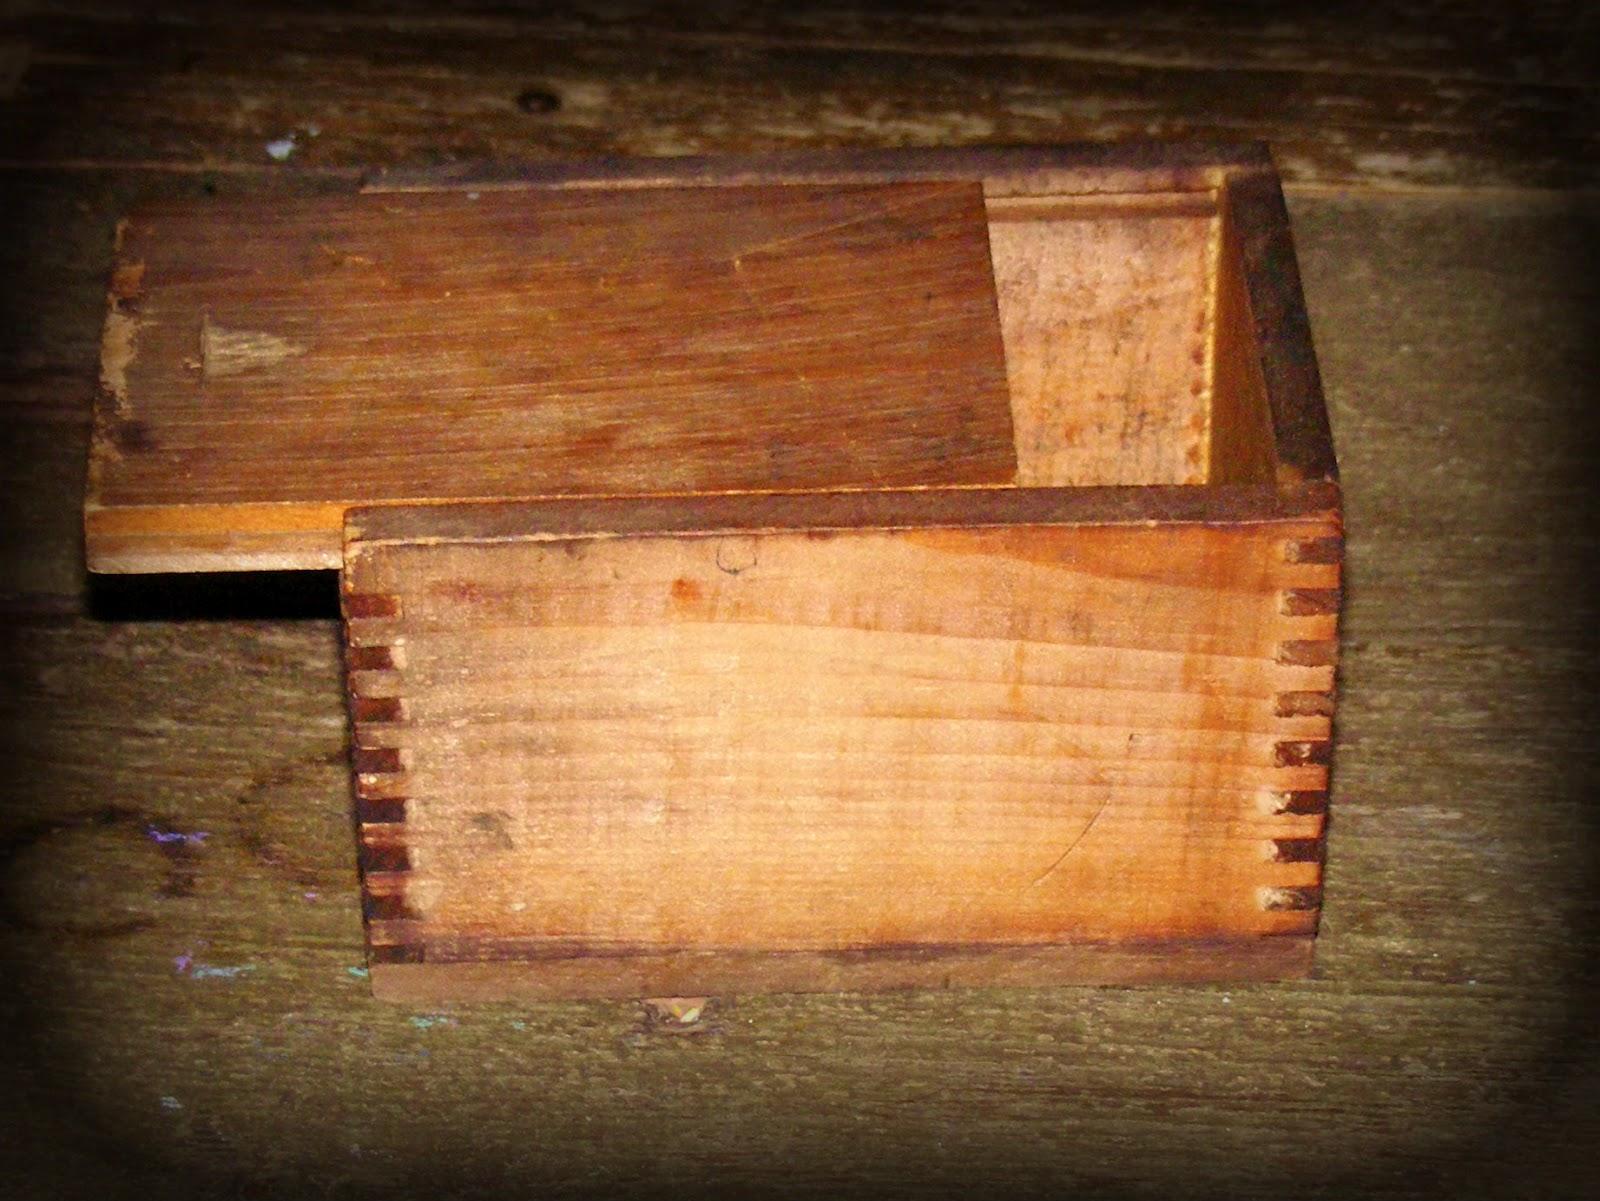 Pdf Diy Wooden Box Sliding Lid Plans Download Wooden